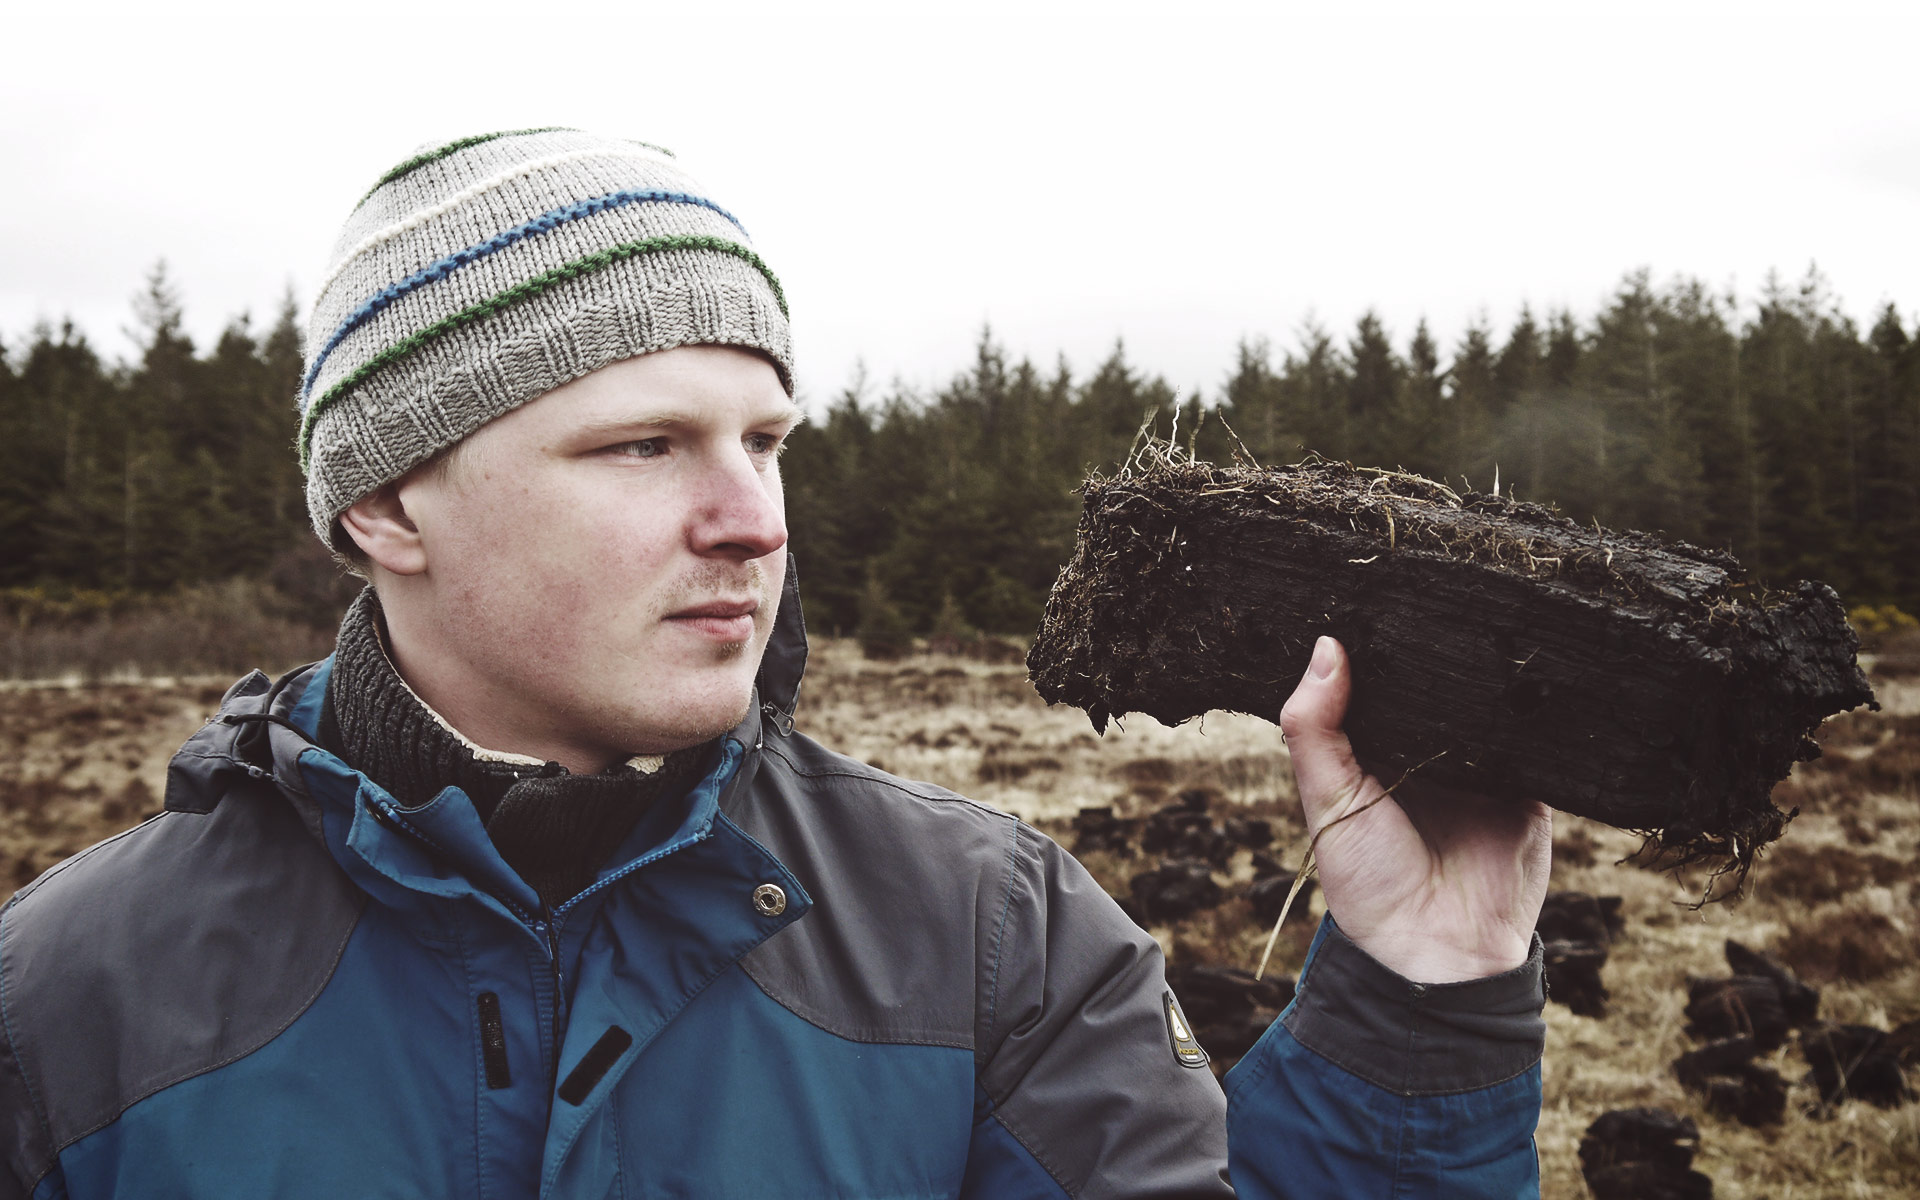 Torf lässt sich in Ballen wie diesen abstechen. Malt Whisky-Redakteur Samuel hat sich ins Moor gewagt... (Foto: Malt Whisky)